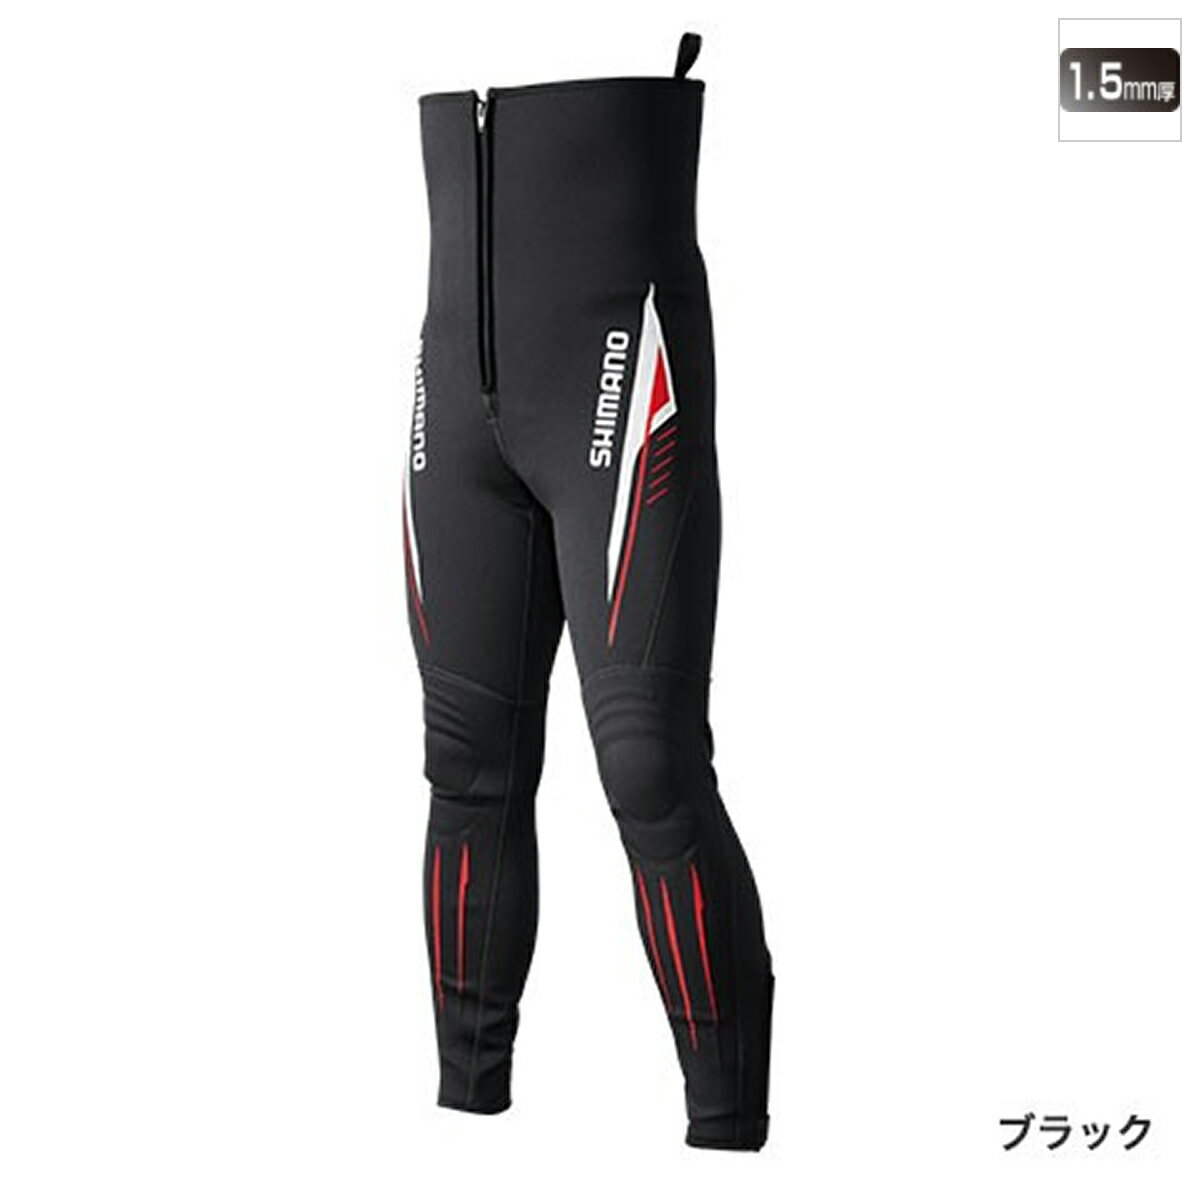 シマノ 鮎タイツT-1.5 TI-081Q MO ブラック【送料無料】